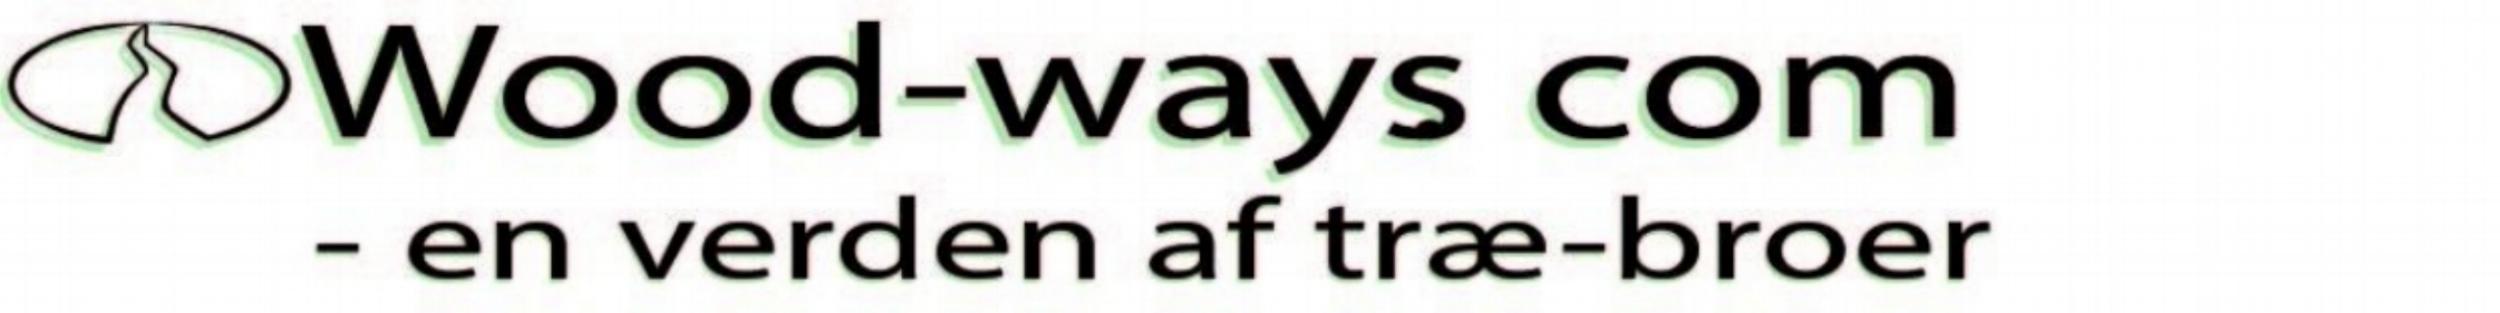 Woodways m slogan.jpg